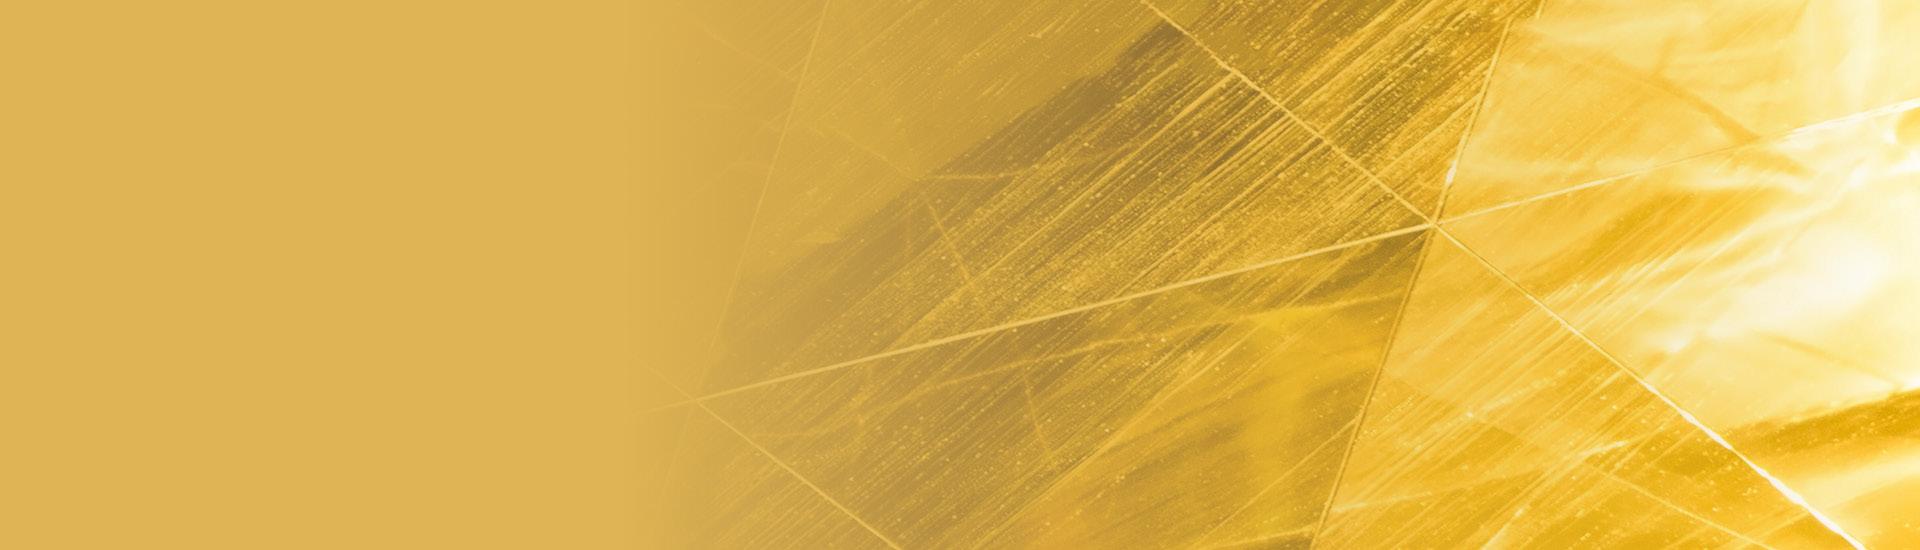 Weine - Rarität des Monats: Dom Pérignon Brut 2008 05/2020 - Slider